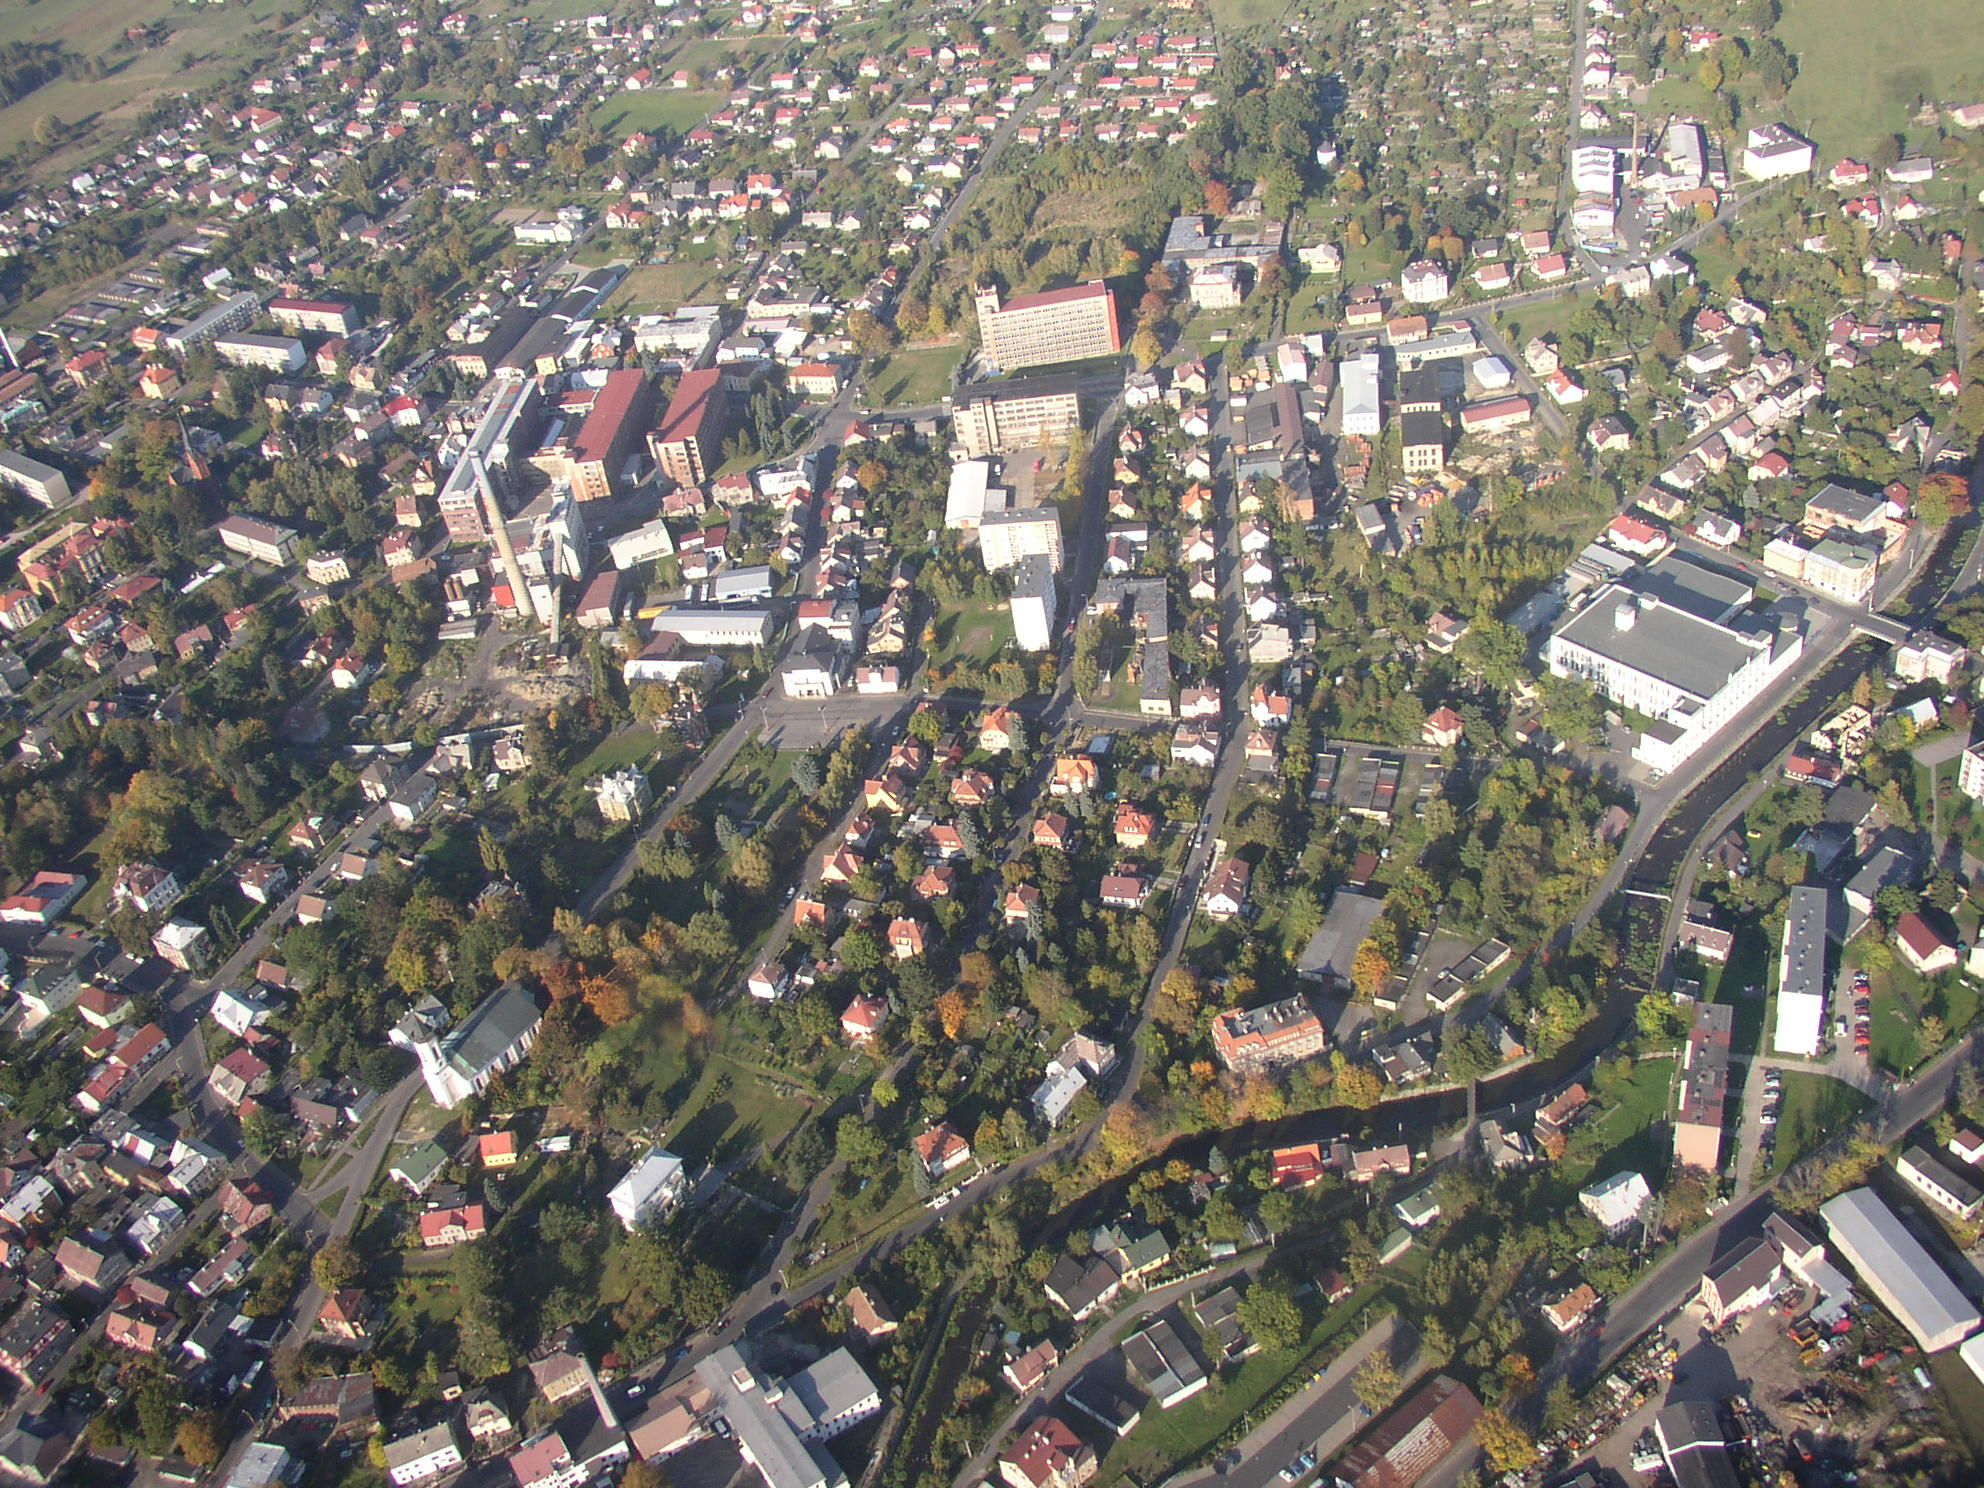 9 Rada msta zruila plnovan ohostroj - Msto Varnsdorf